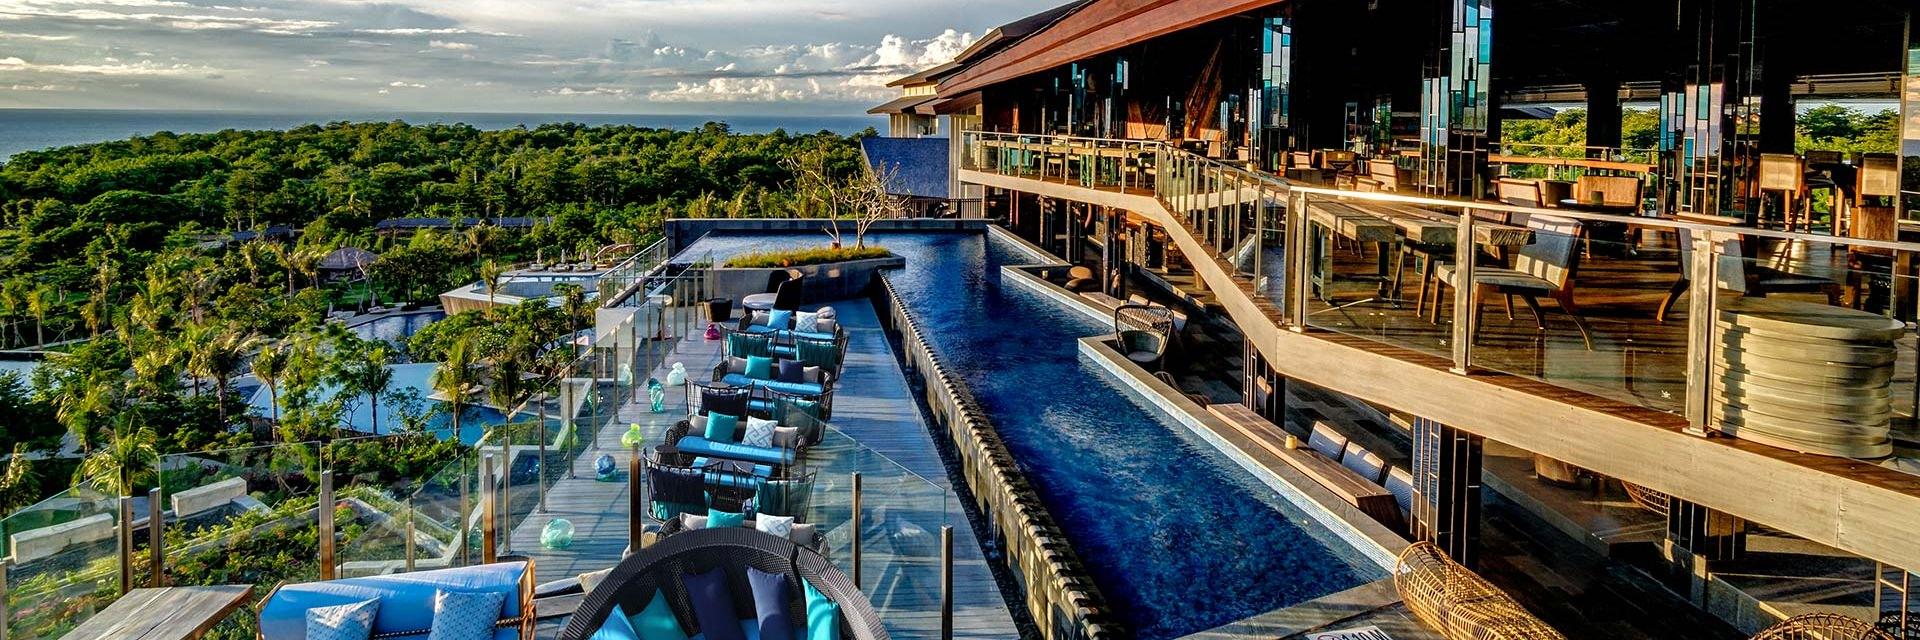 5 Rooftop Bar Terbaik di Bali 5 Rooftop Bar Terbaik di Bali - Dolan Dolen